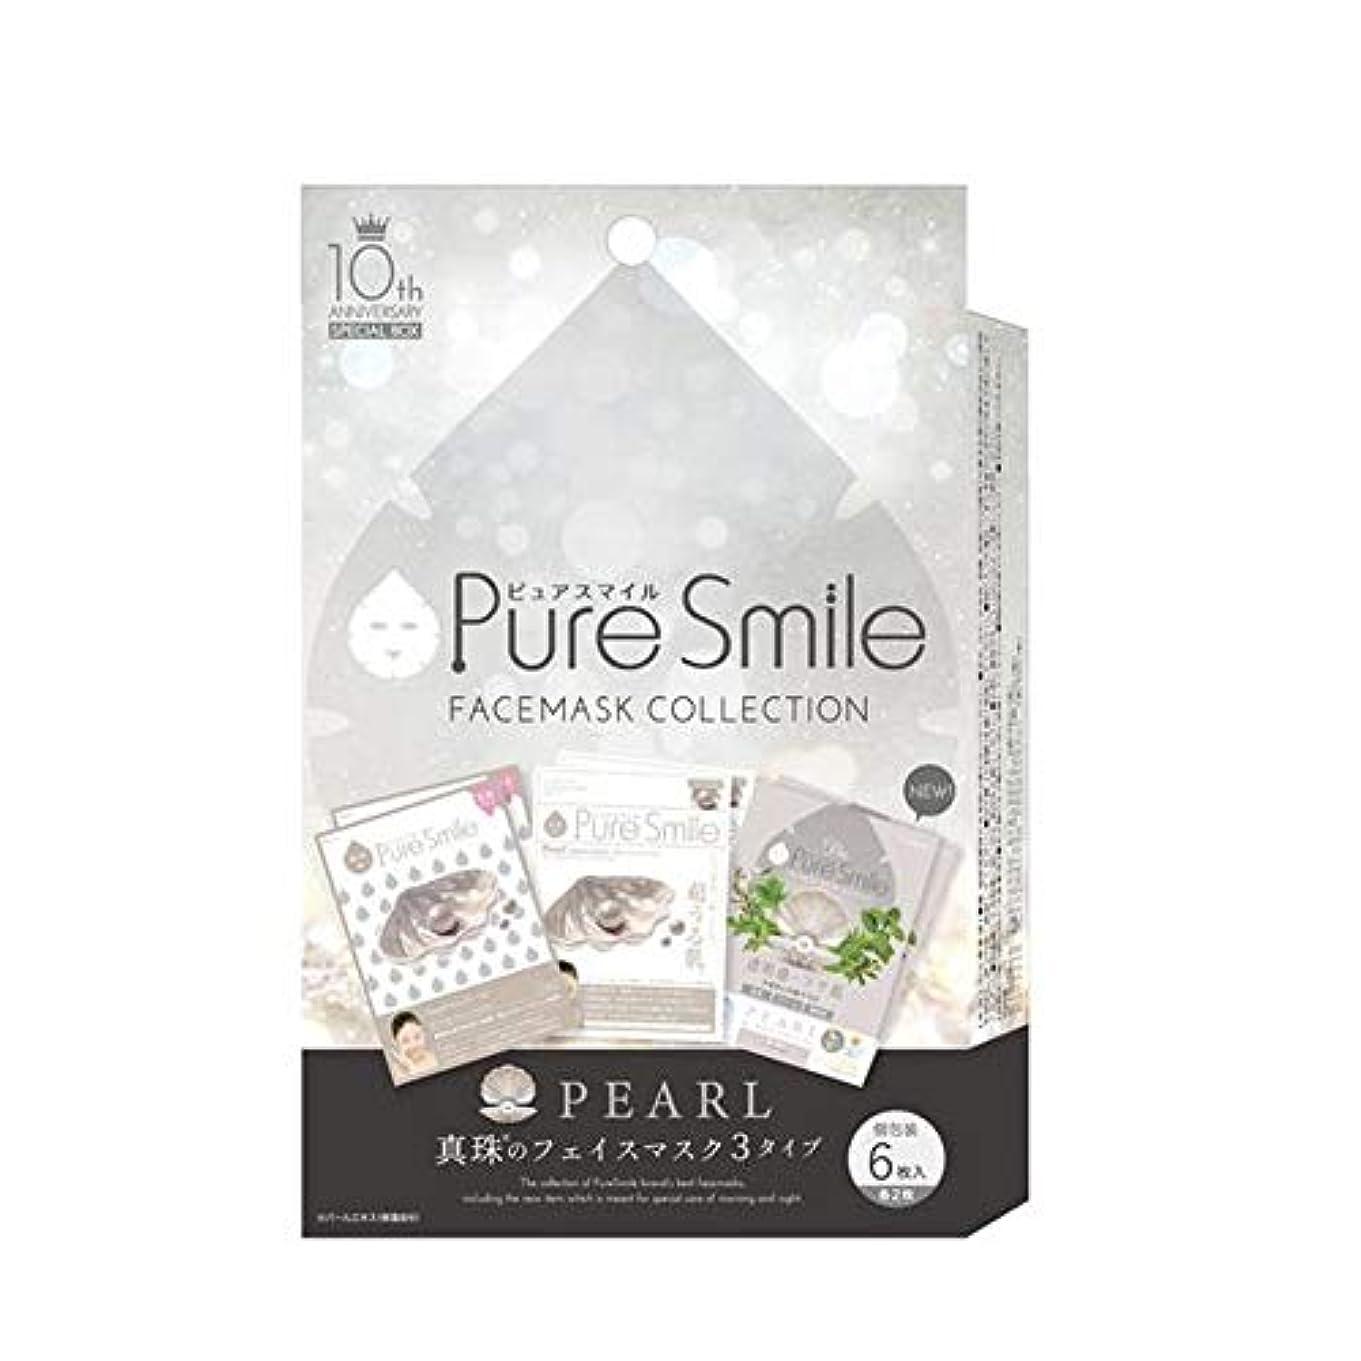 周り間違えた道に迷いましたピュア スマイル Pure Smile 10thアニバーサリー スペシャルボックス 真珠 6枚入り